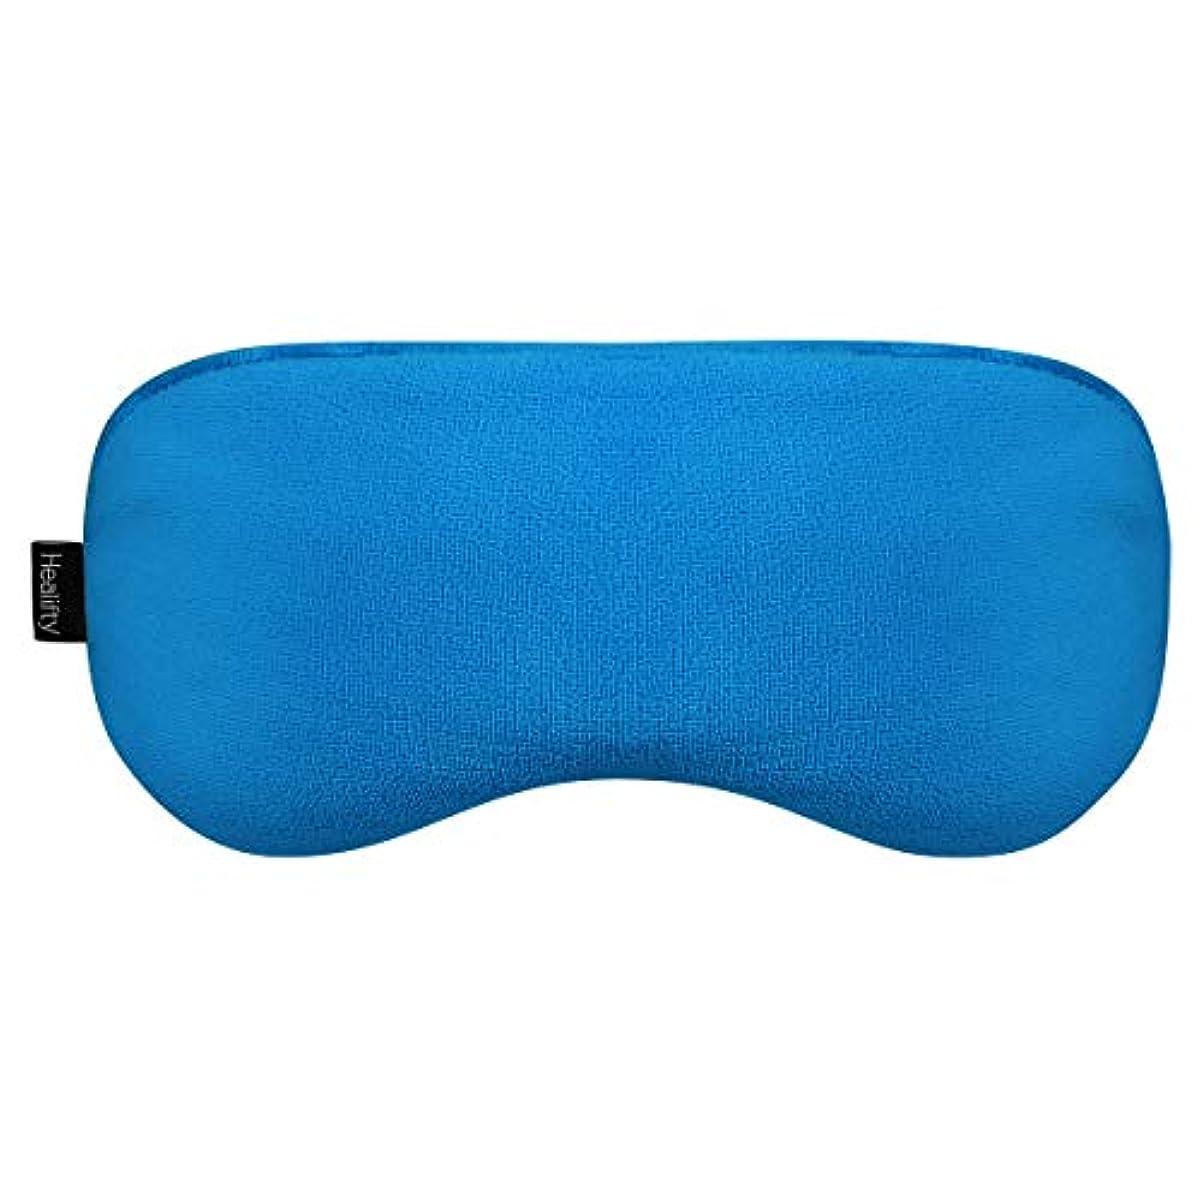 到着変換資金Healifty 目の目隠し1ピース亜麻仁アイ圧縮暖かいアイセラピーマイクロ波ホットアイマスク付きベルベットカバー(ブルー)